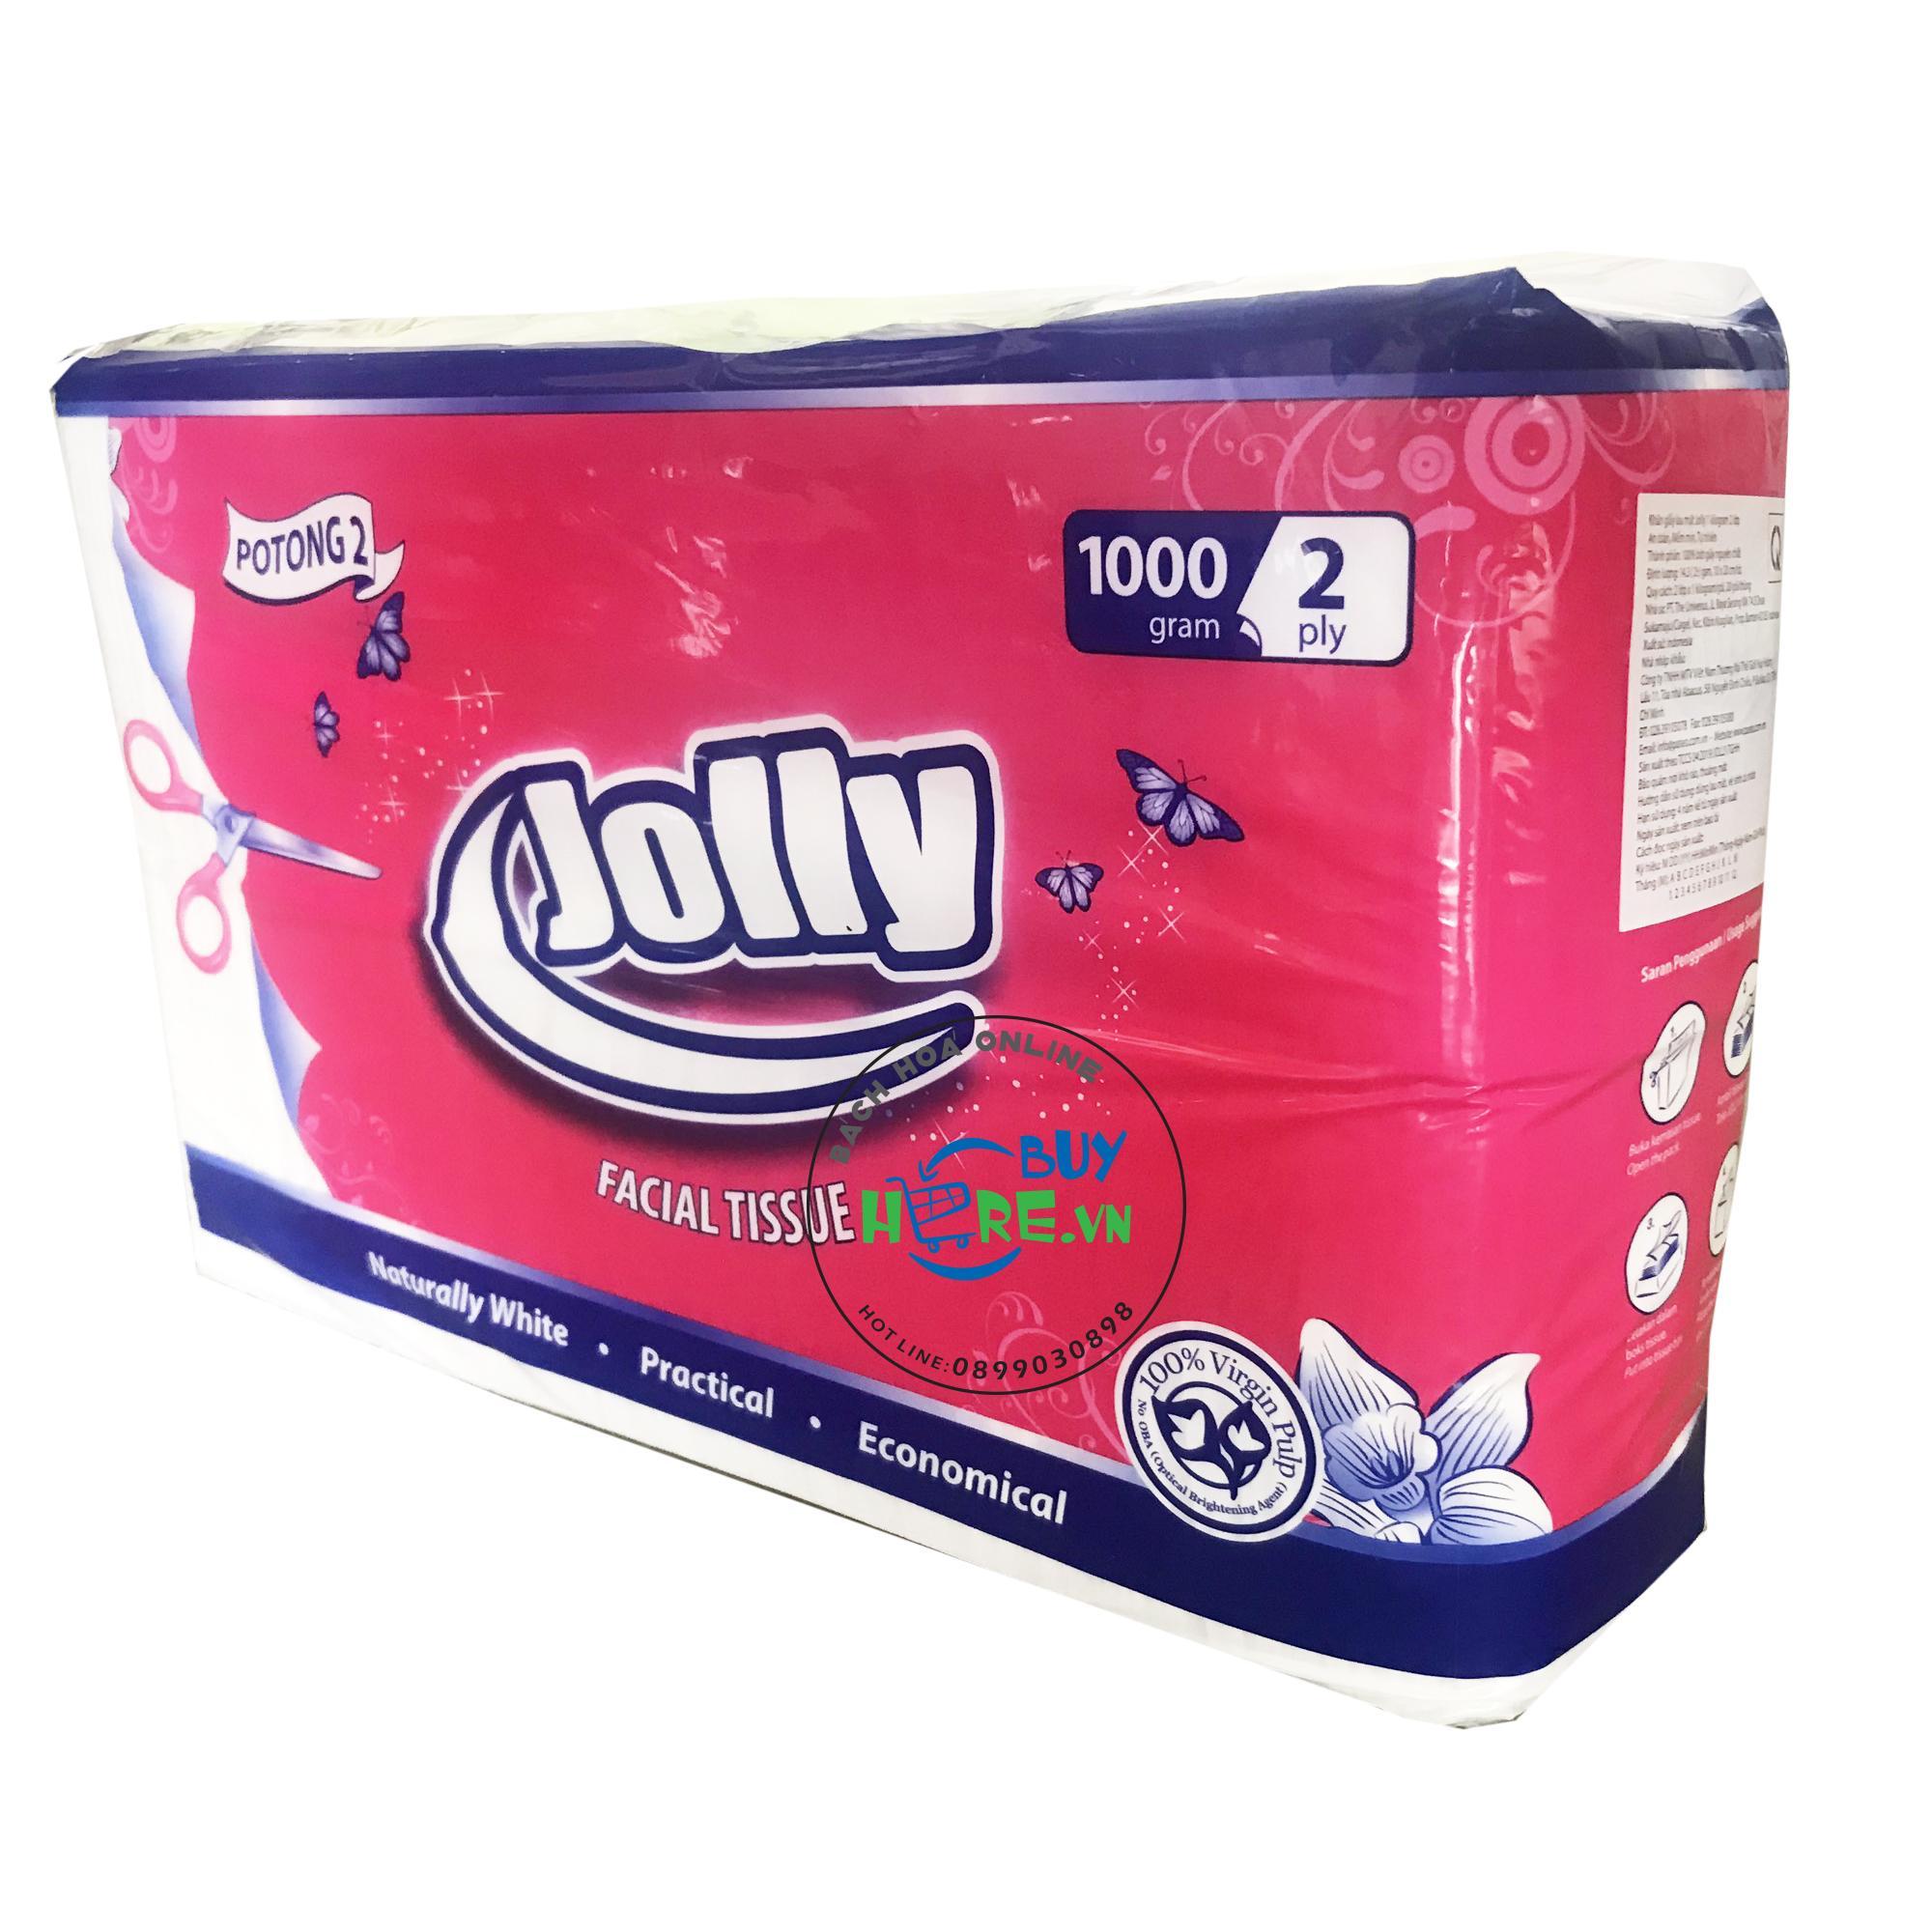 Khăn giấy ăn jolly 1kg 2 lớp